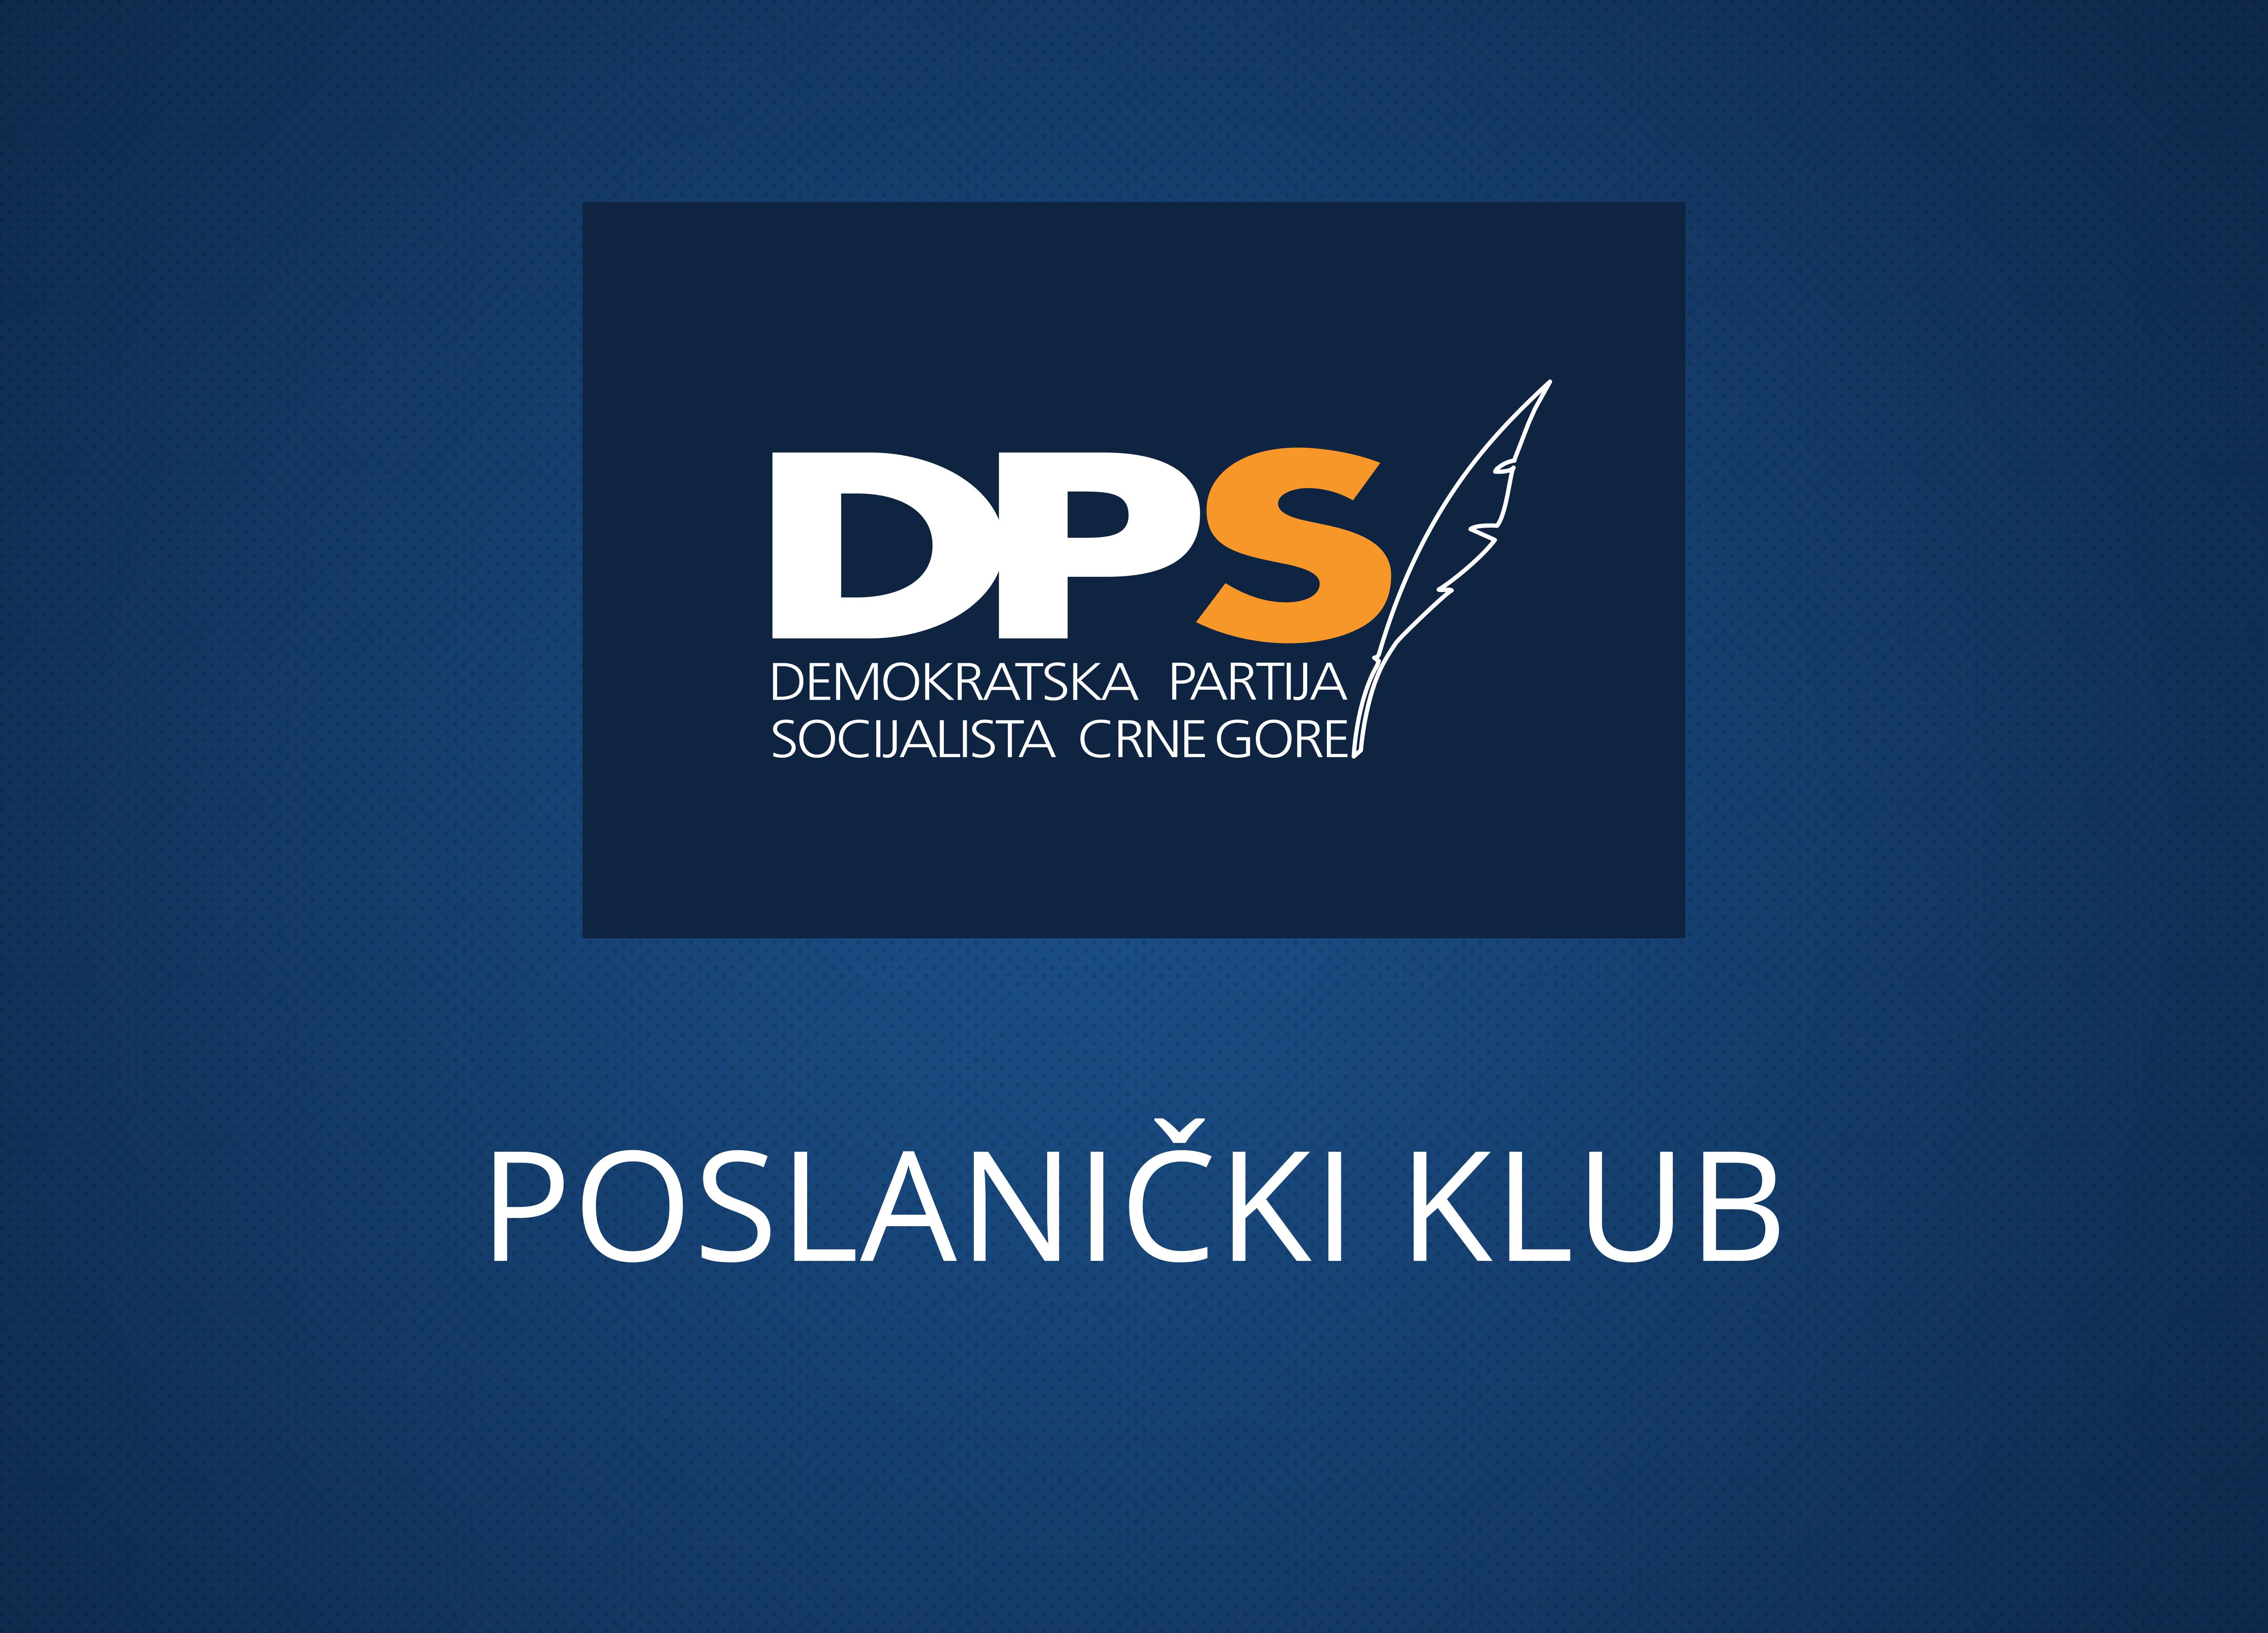 Klub poslanika DPS-a: Spremnošću za revidiranjem tek usvojenog zakona predstavnici većine pokazali da nijesu znali šta usvajaju